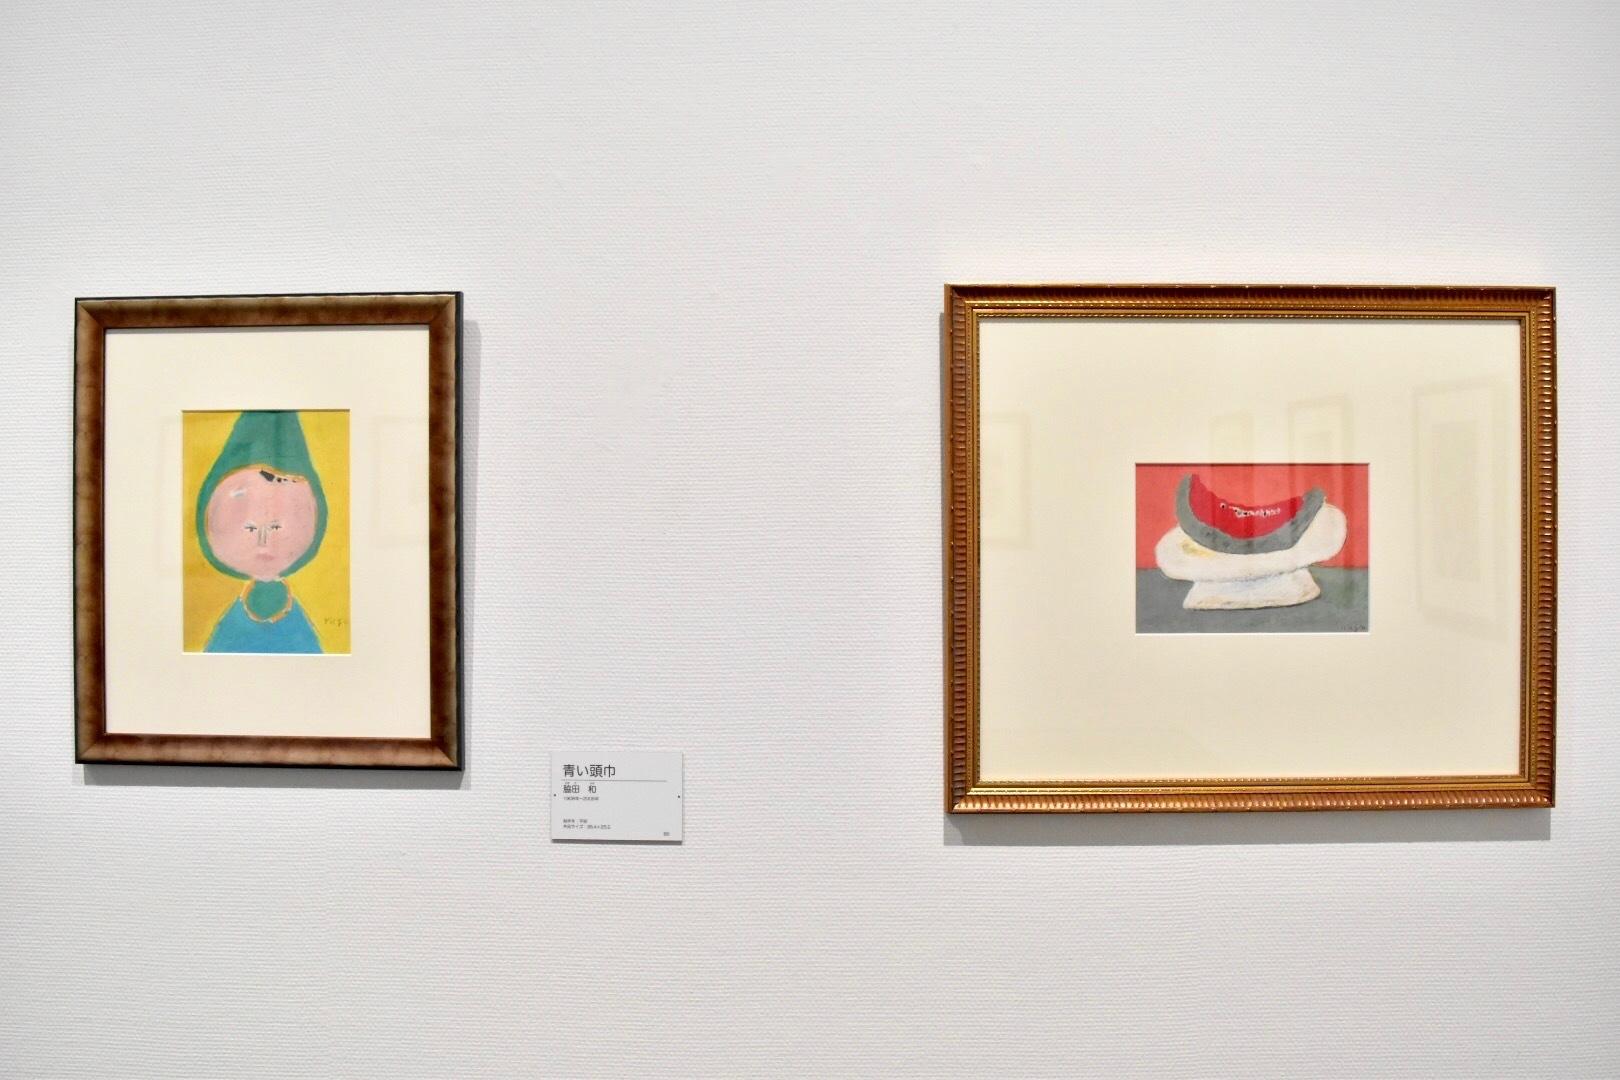 右:脇田和 《静物》制作年不明 左:脇田和 《青い頭巾》制作年不明